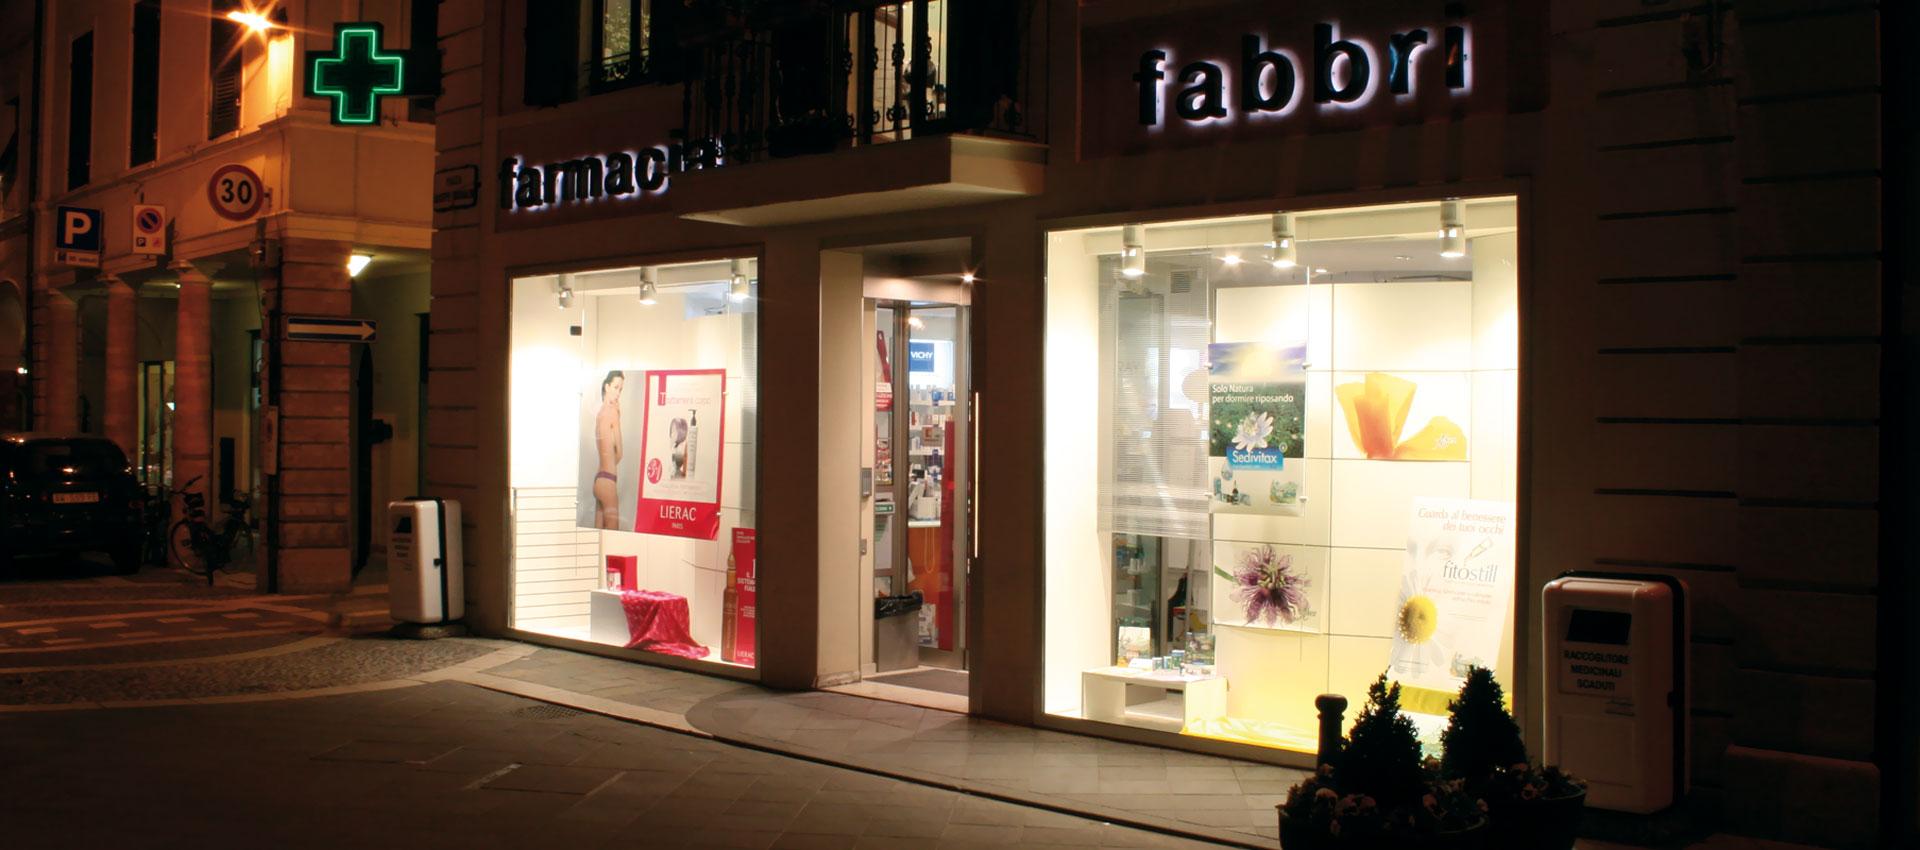 Farmacia Fabbri | la farmacia al tuo servizio